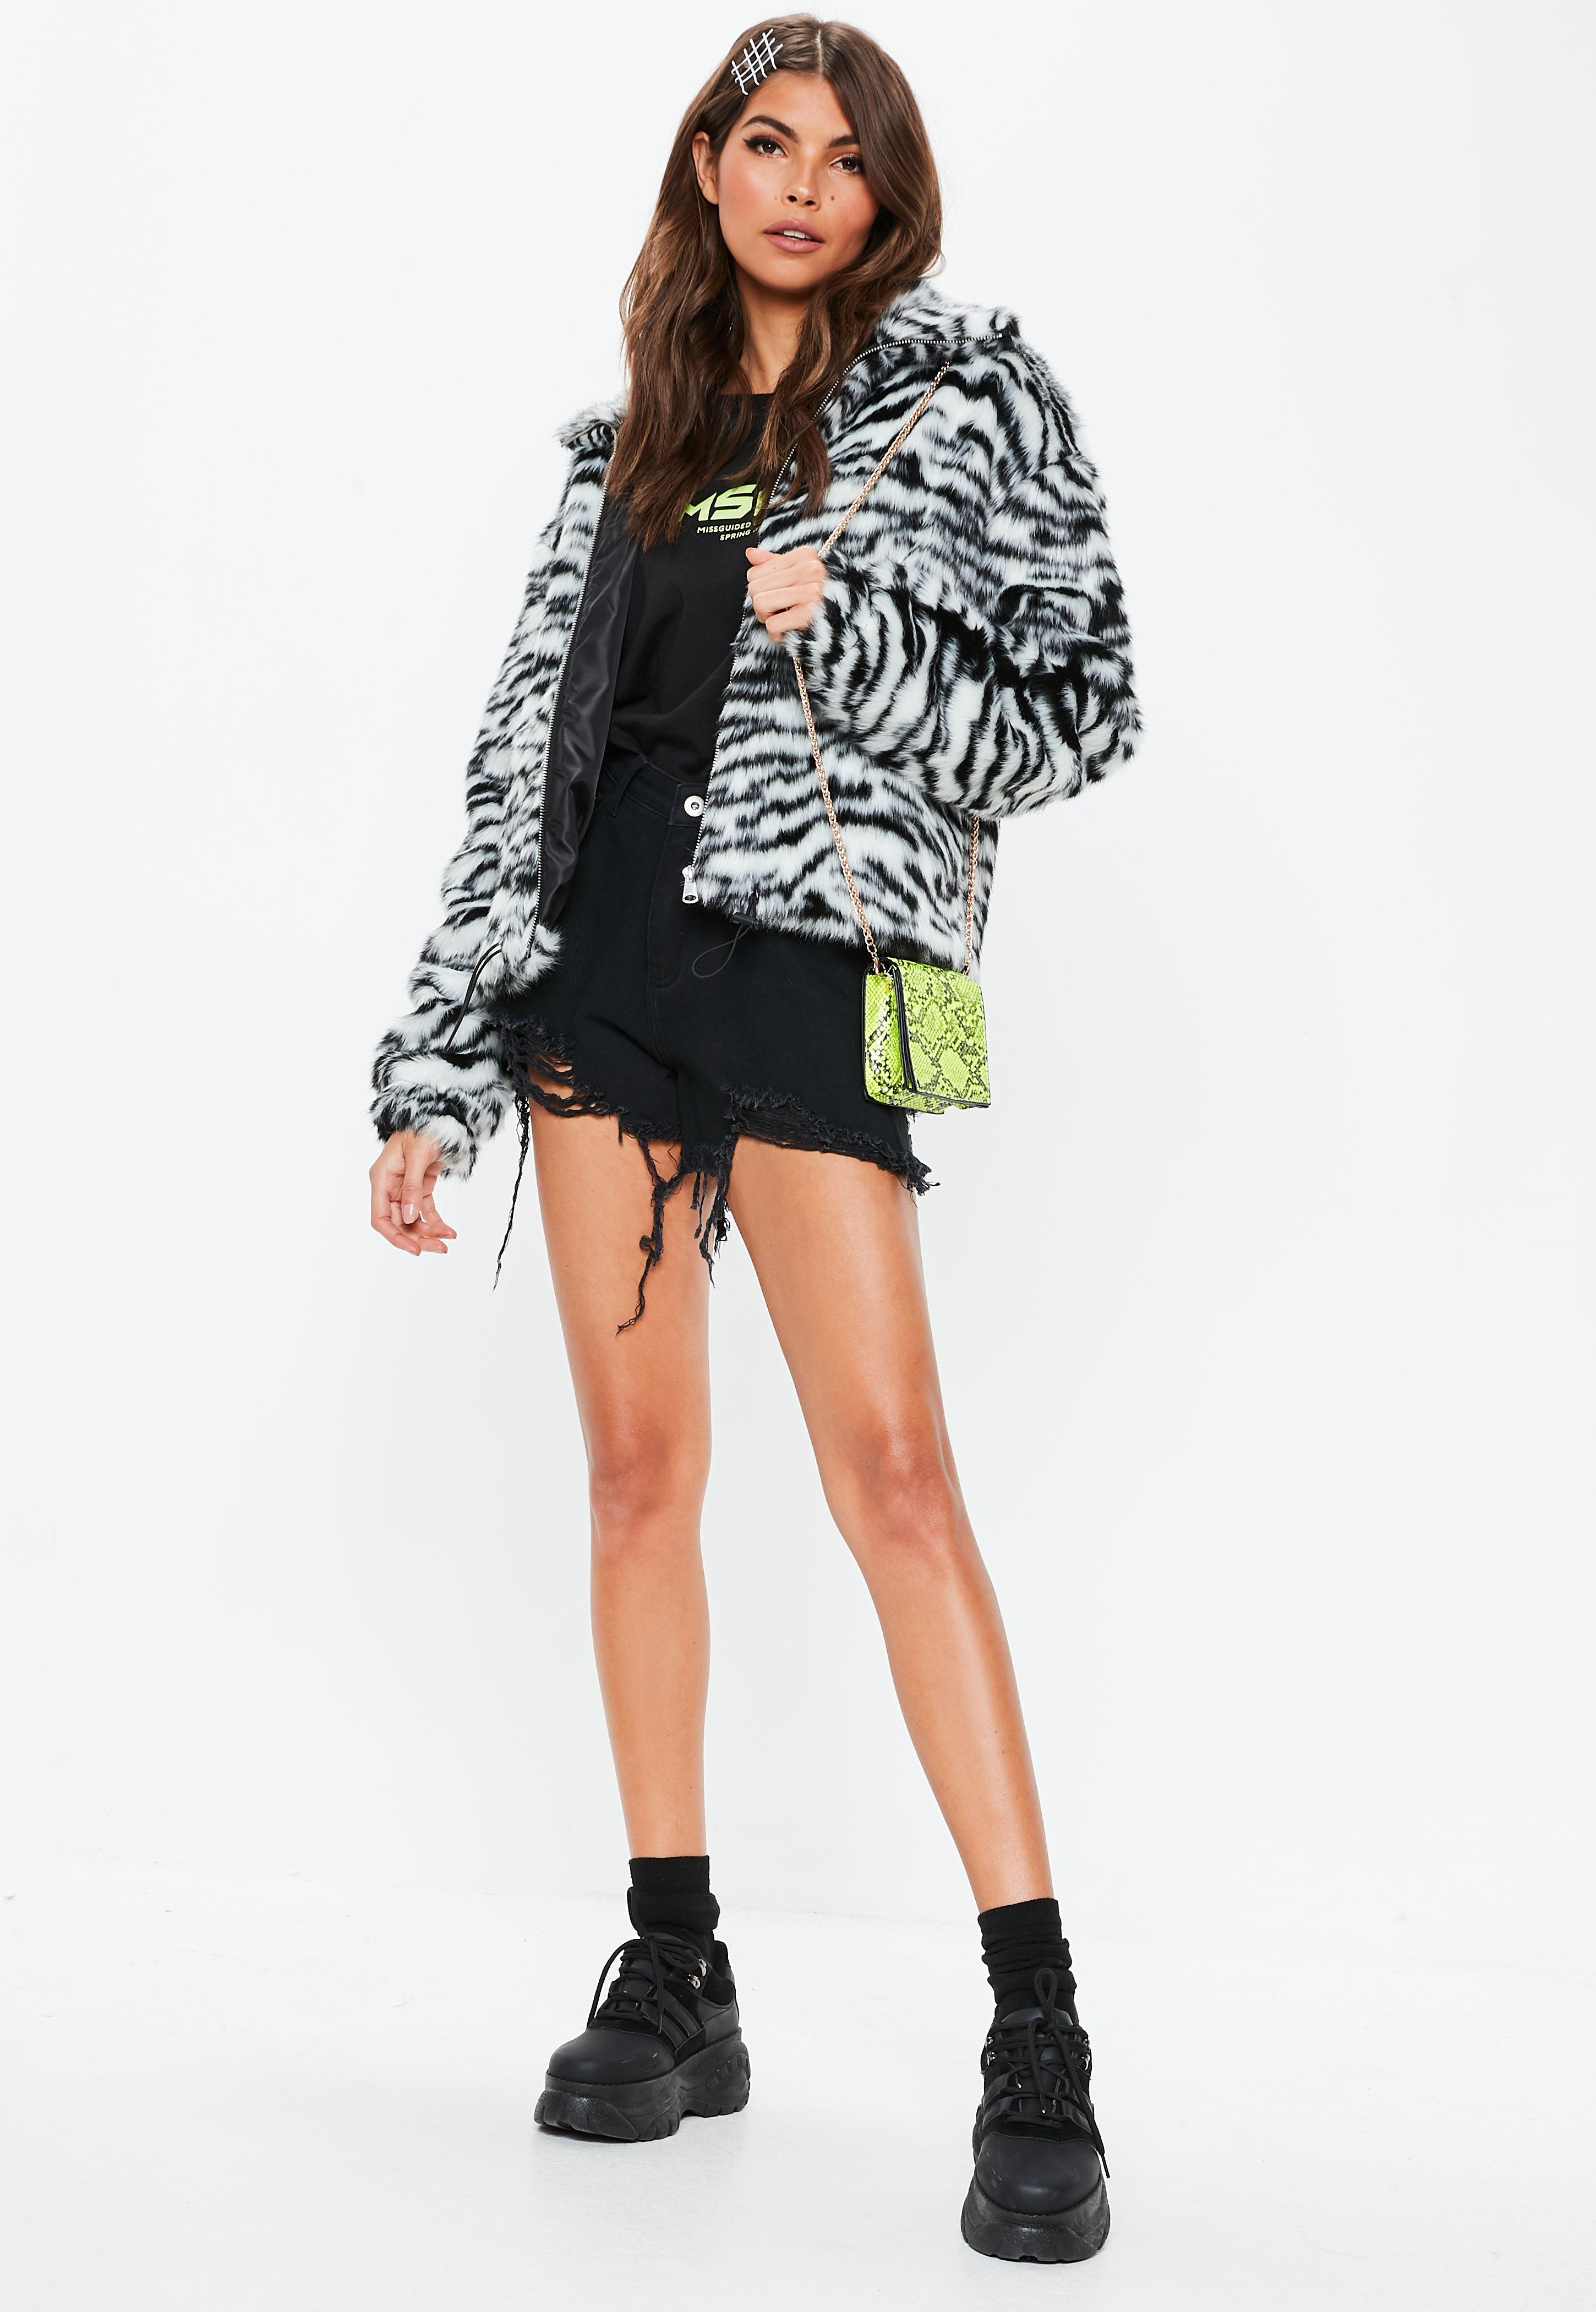 57584d71404 90s Fashion   Clothes - Shop 90s Grunge